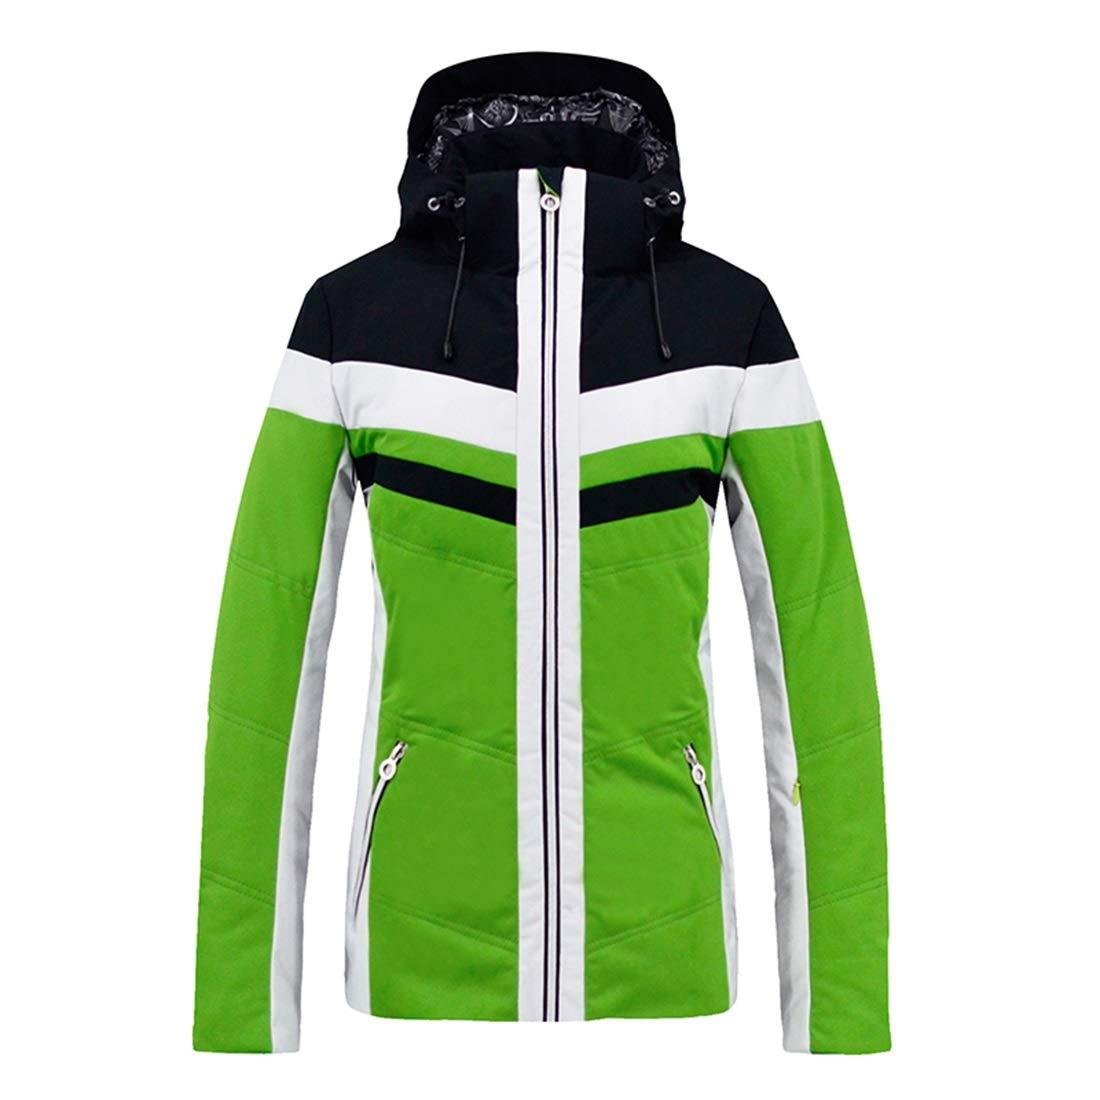 Yajiemei Cappotto Impermeabile per Giacca da Sci Invernale Caldo da da da Donna per Escursionismo all'aperto (Coloree   verde, Dimensione   L)B07M9BF15RM verde | Area di specifica completa  | A Buon Mercato  | Ad un prezzo inferiore  | Eccellente qualità  | 0afd20